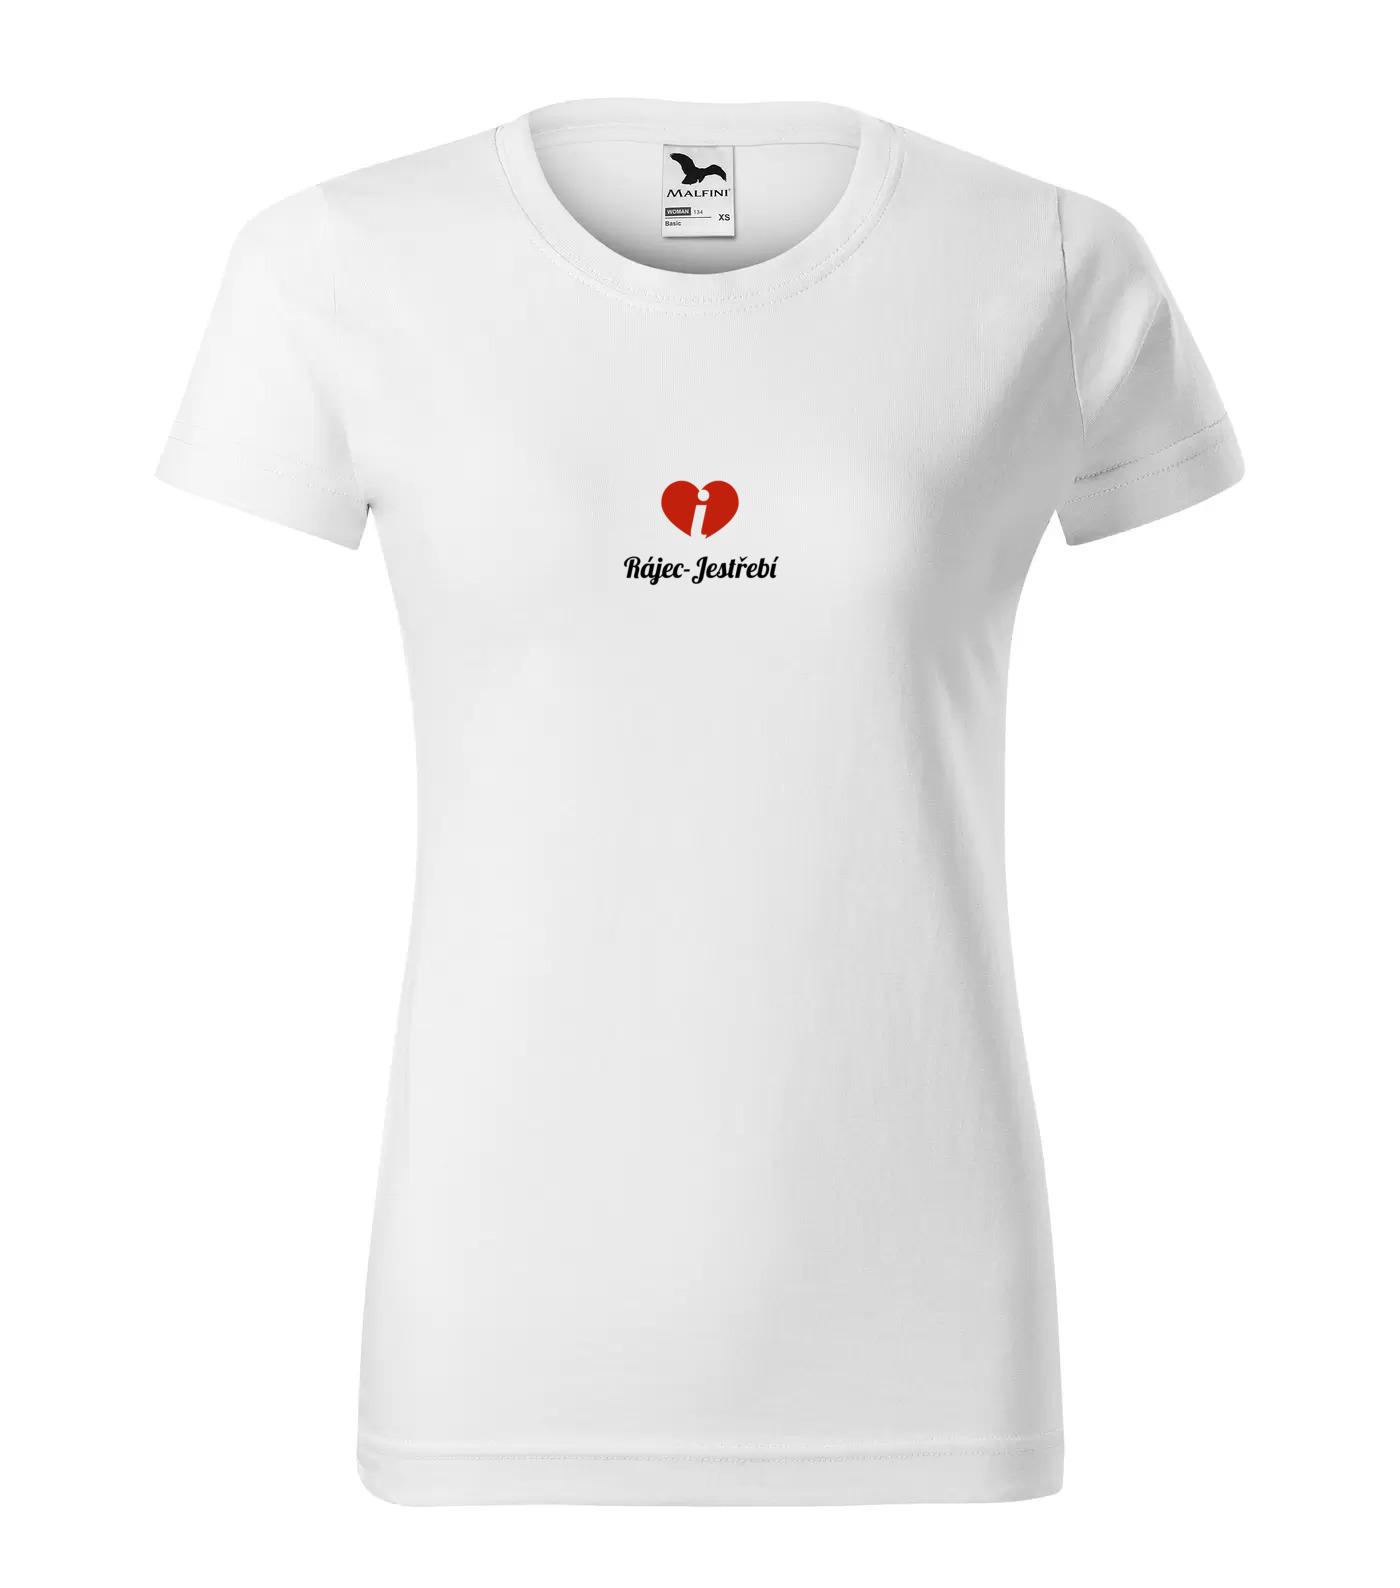 Tričko Rájec-Jestřebí